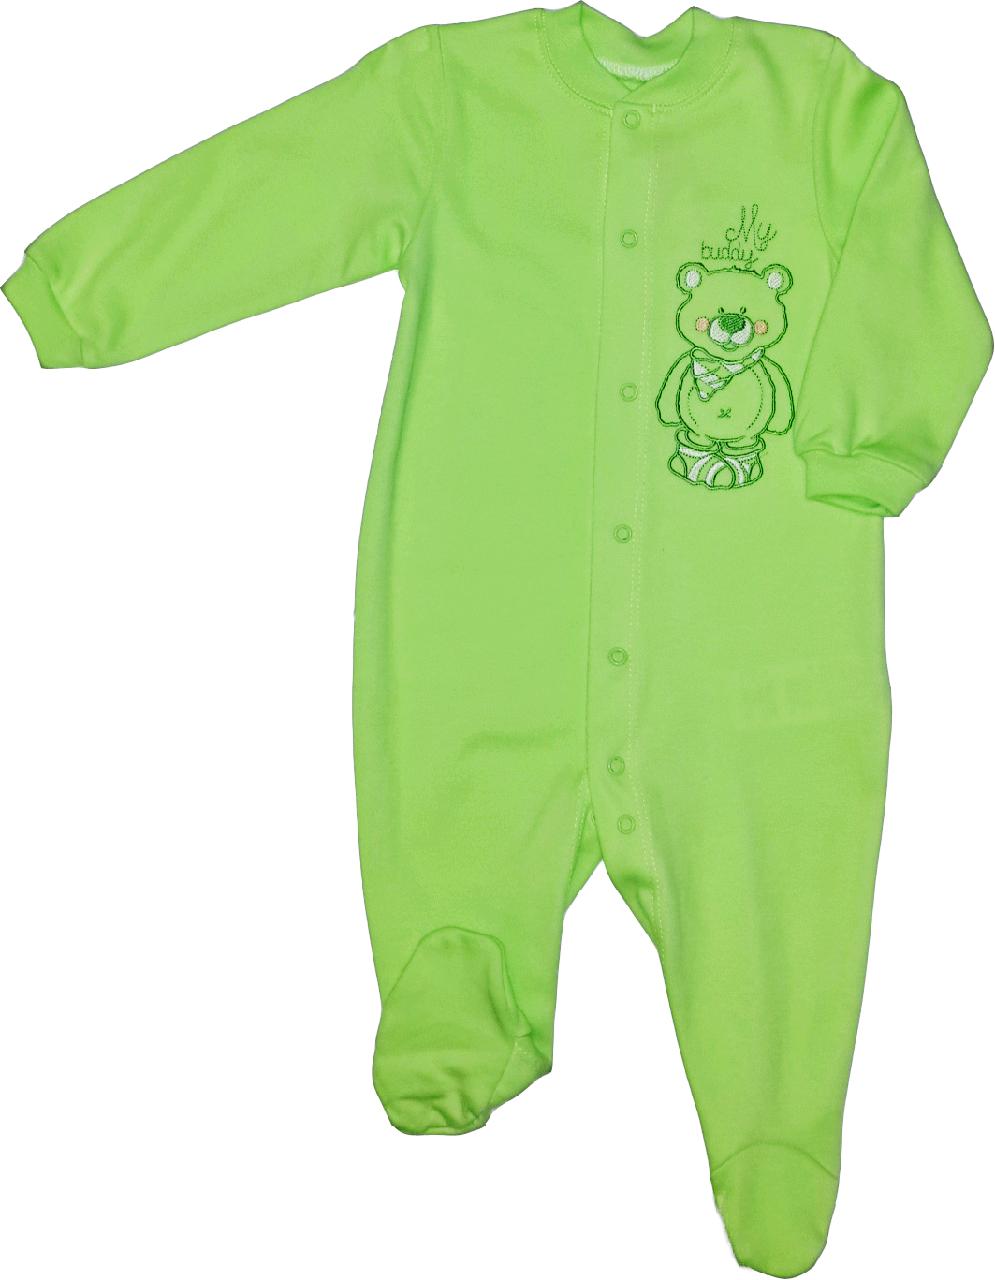 Комбинезон человечек хлопковый ТМ Бемби КБ77 зеленый без капюшона размер 74 80